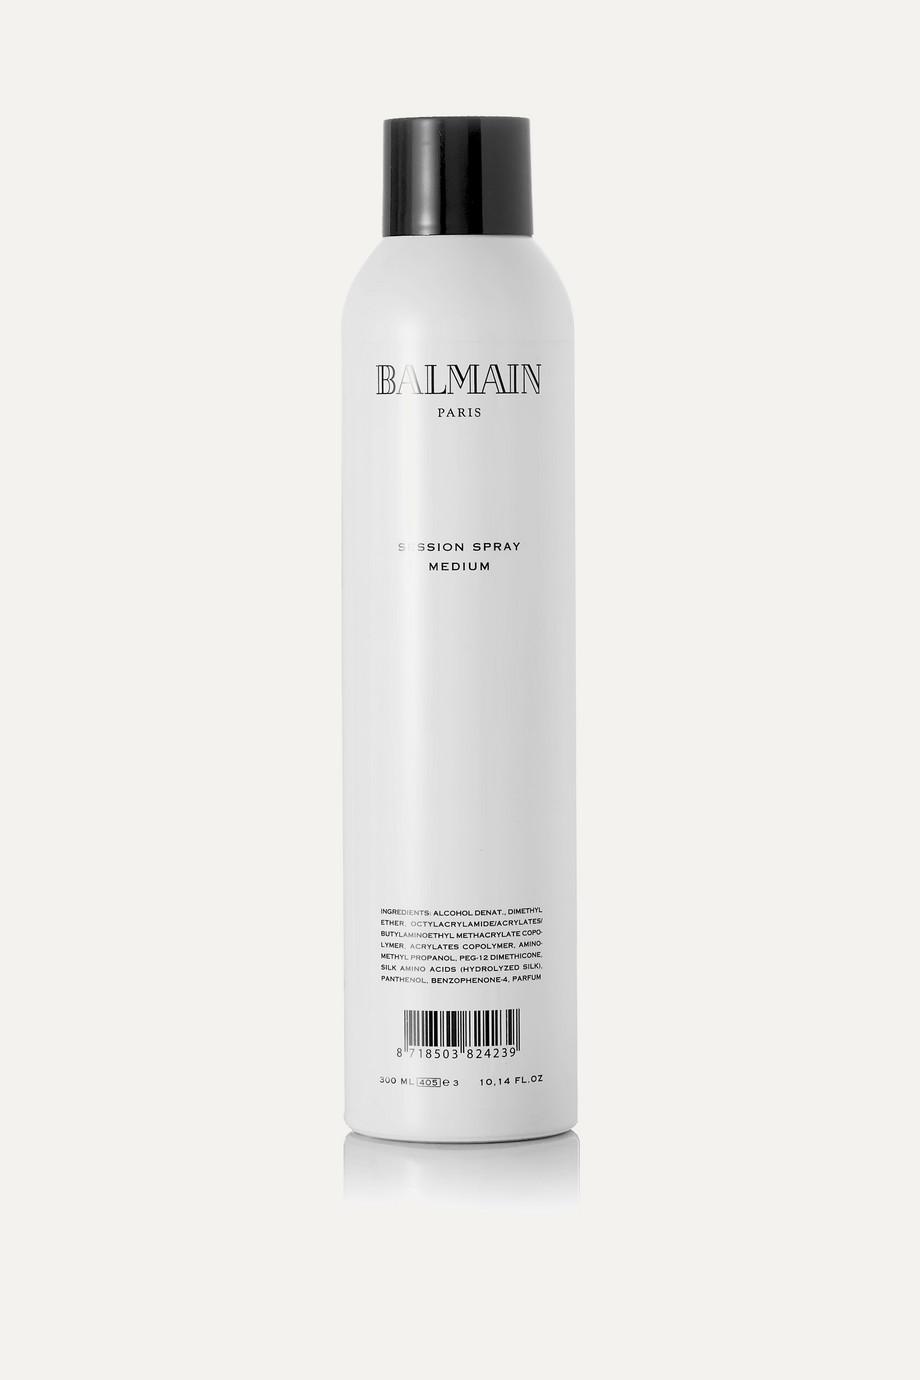 Balmain Paris Hair Couture Session Spray Medium, 300ml